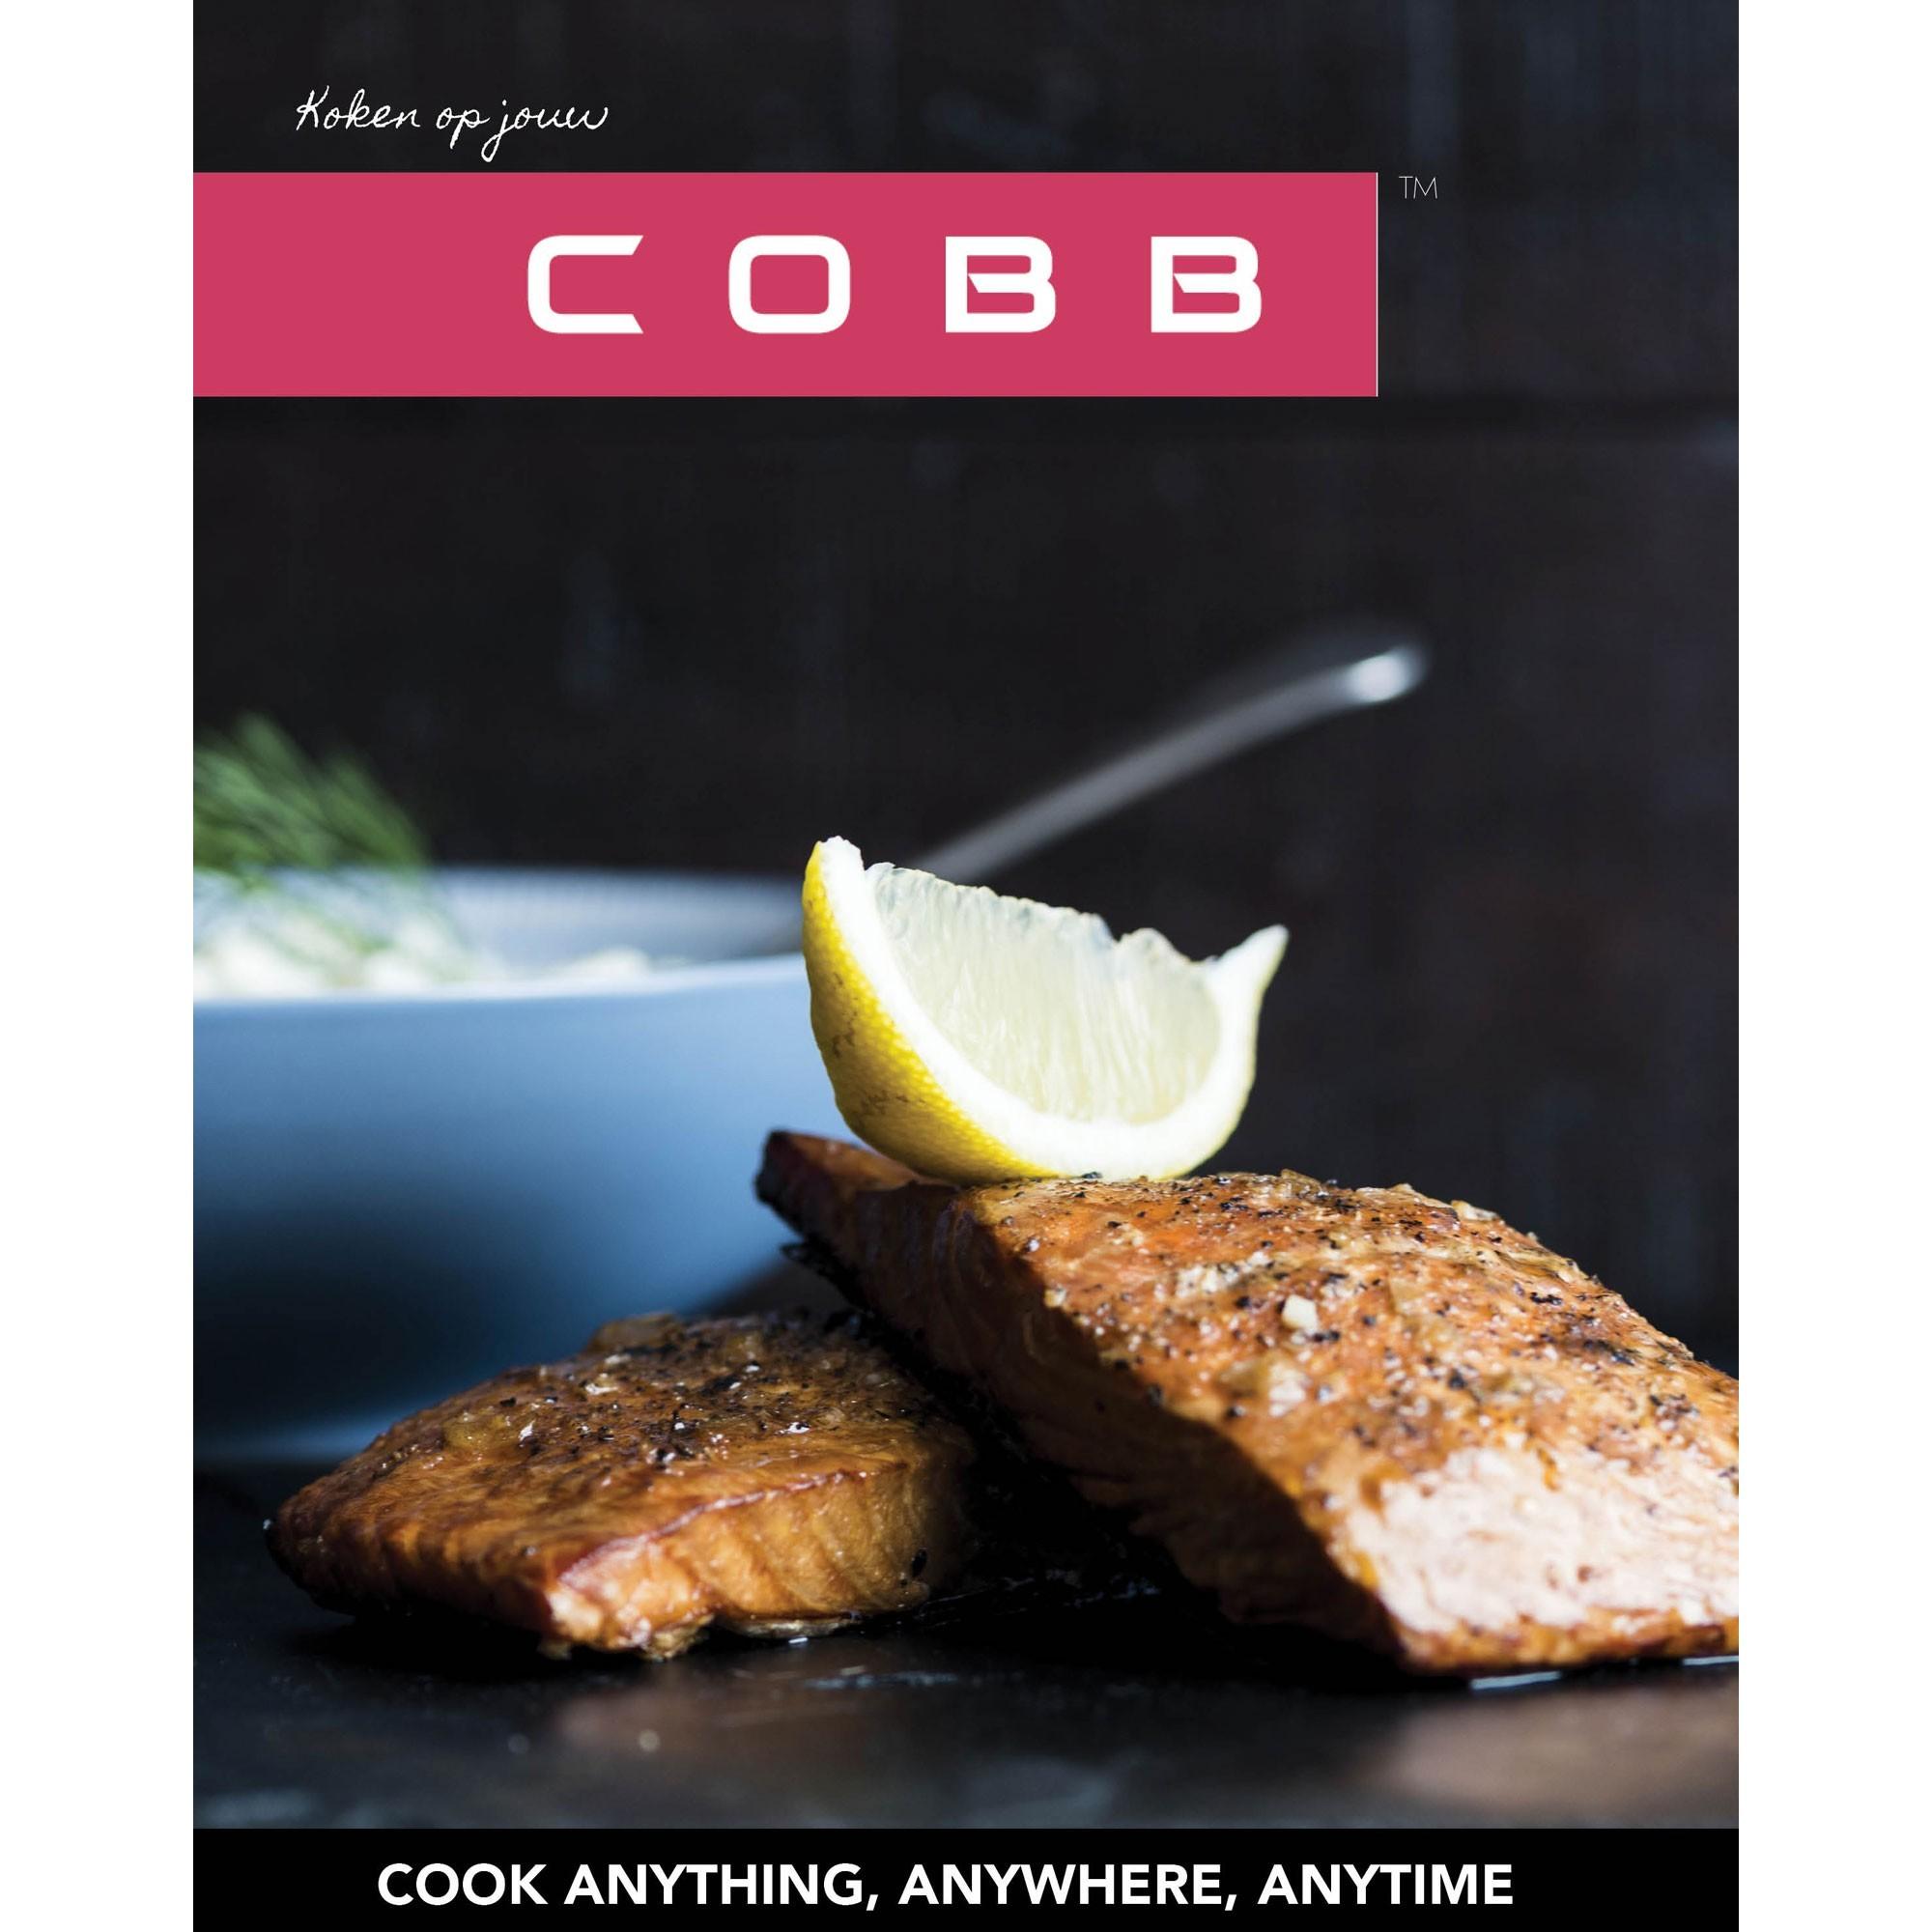 Afbeelding van Cobb Koken Op Jouw Kookboek